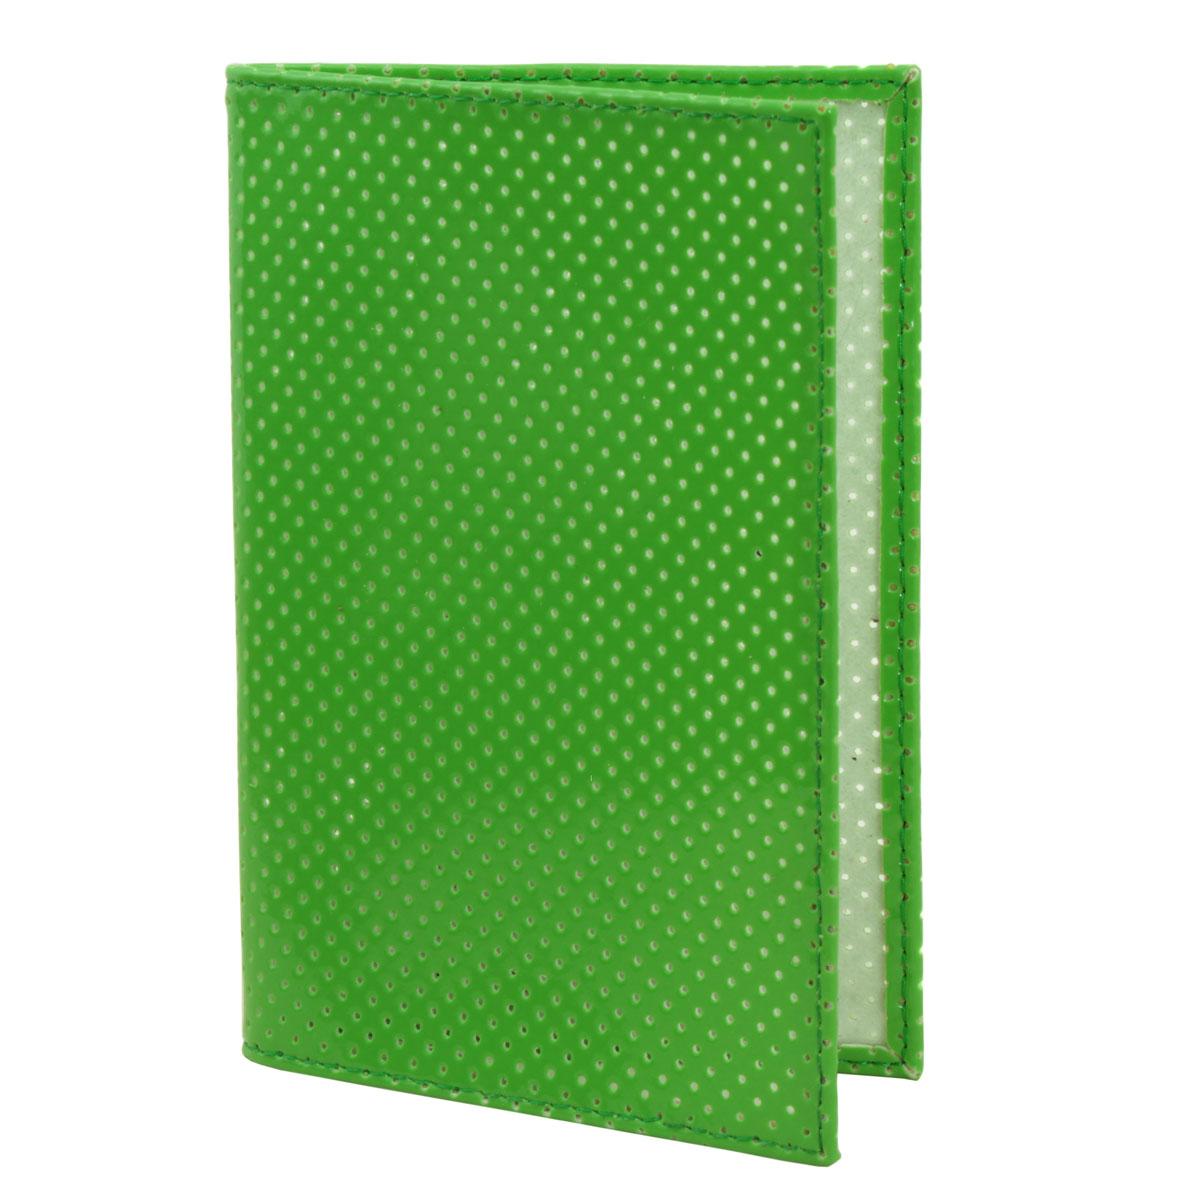 Обложка для паспорта Dimanche, цвет: зеленый. 230/9230/9Обложка для паспорта Demanche выполнена из искусственной кожи с декоративной перфорацией. На внутреннем развороте расположено два вертикальных кармана из прозрачного ПВХ. Обложка не только поможет сохранить внешний вид ваших документов и защитит их от повреждений, но и станет ярким аксессуаром, который подчеркнет ваш образ.